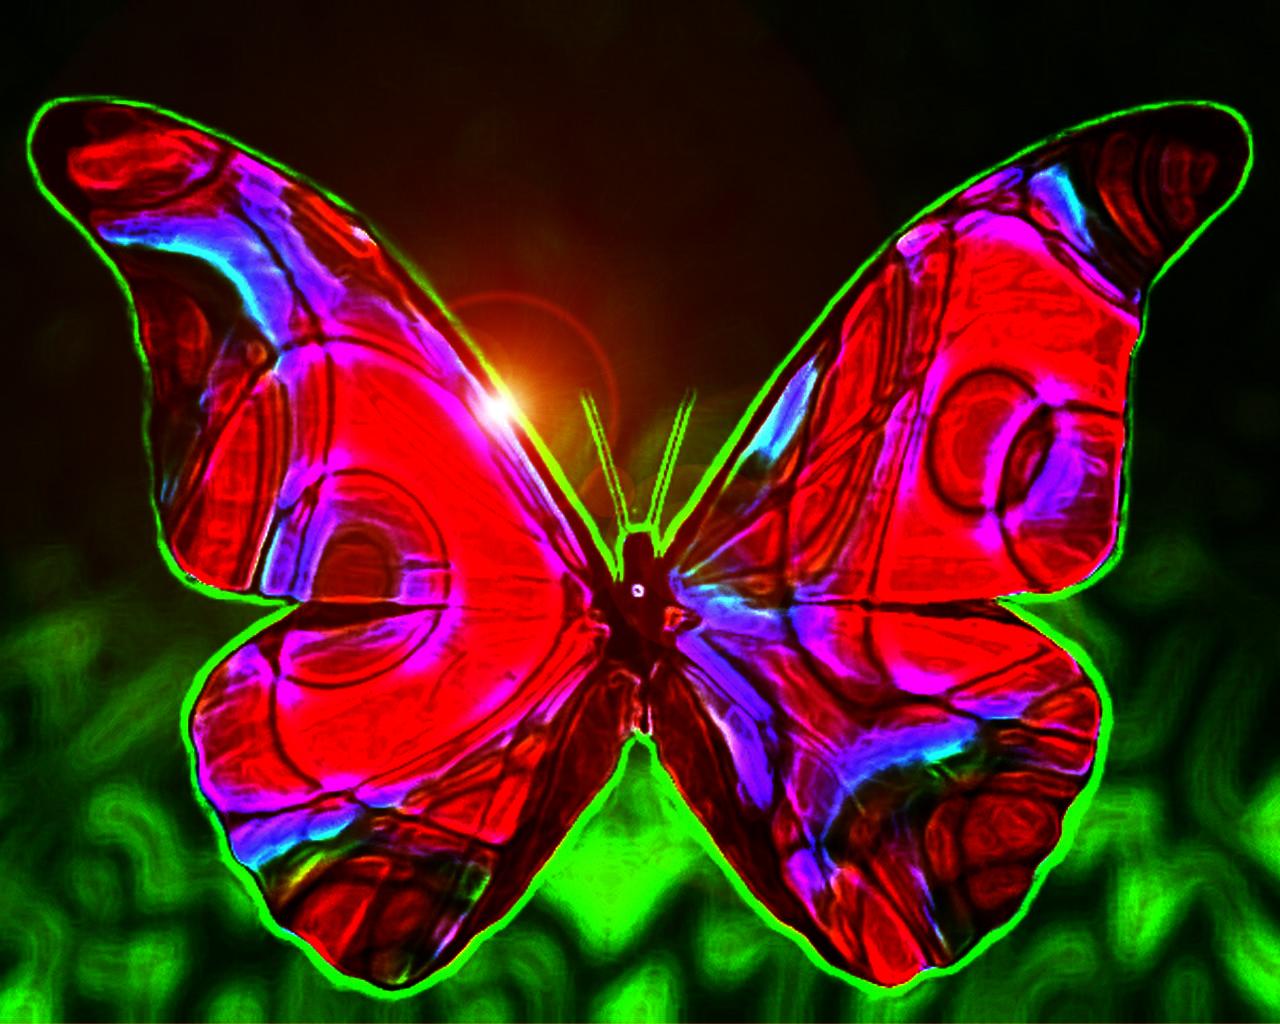 https://4.bp.blogspot.com/-eGtHm68sgOg/TsuewR7pxvI/AAAAAAAABGw/PltR_L9aM9E/s1600/Butterfly%2Bwallpaper%2Bdesigns.jpg